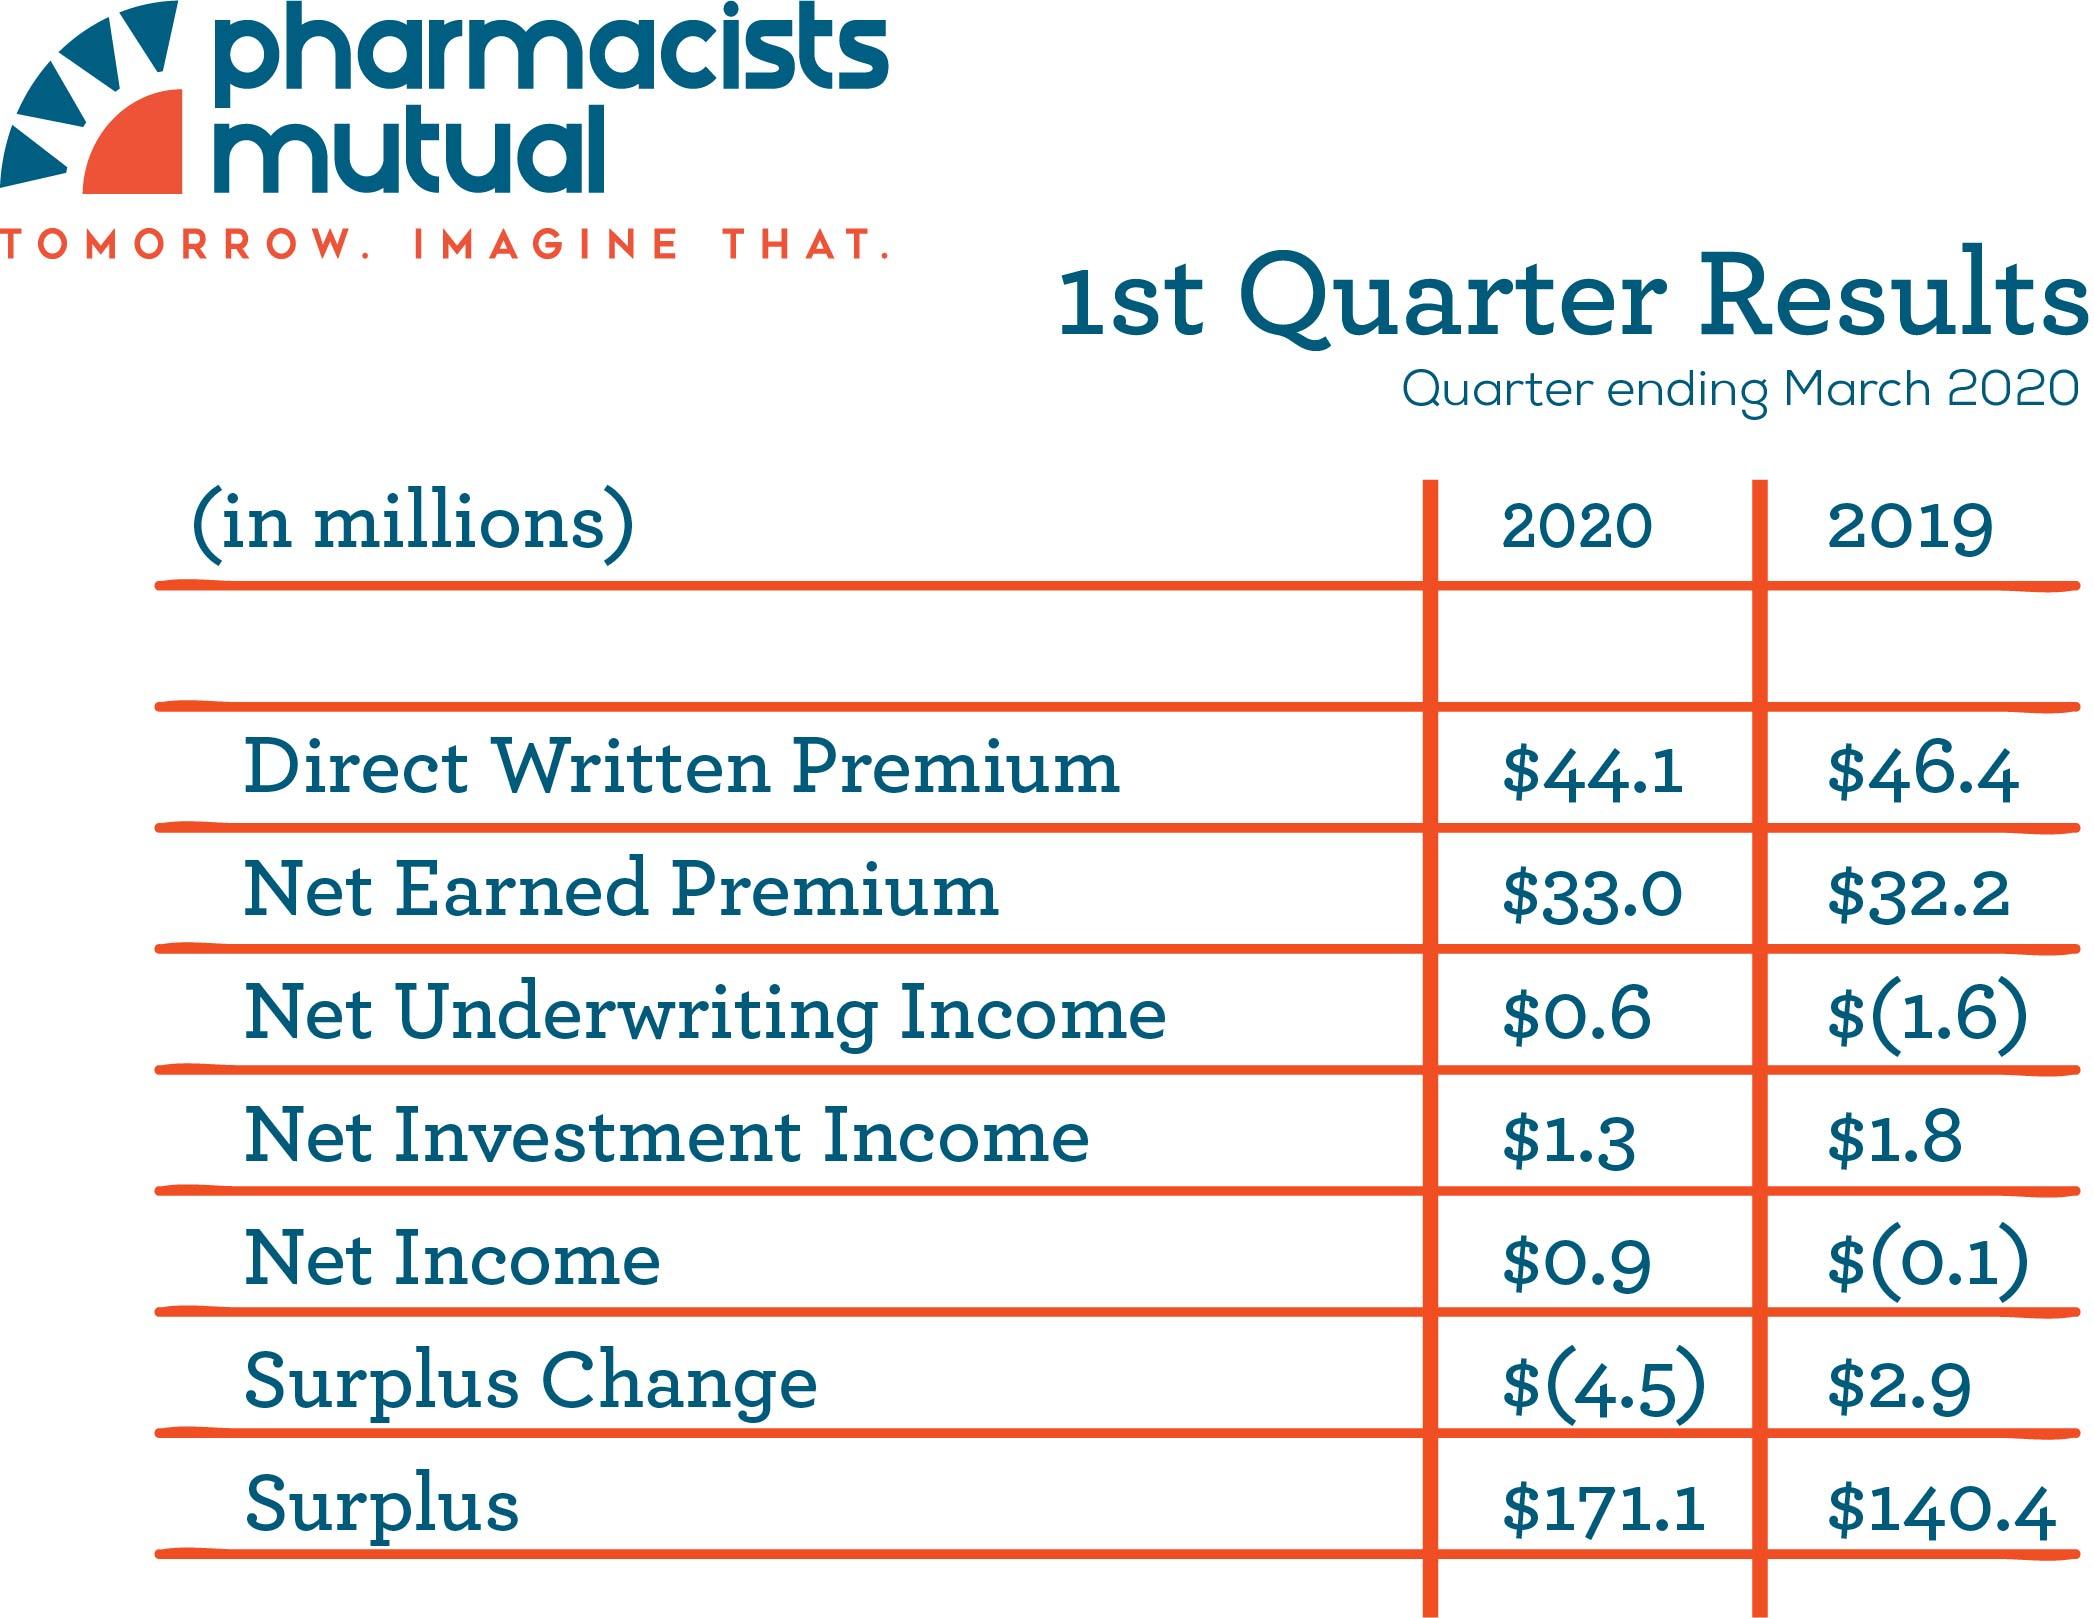 1st Quarter 2020 Financials